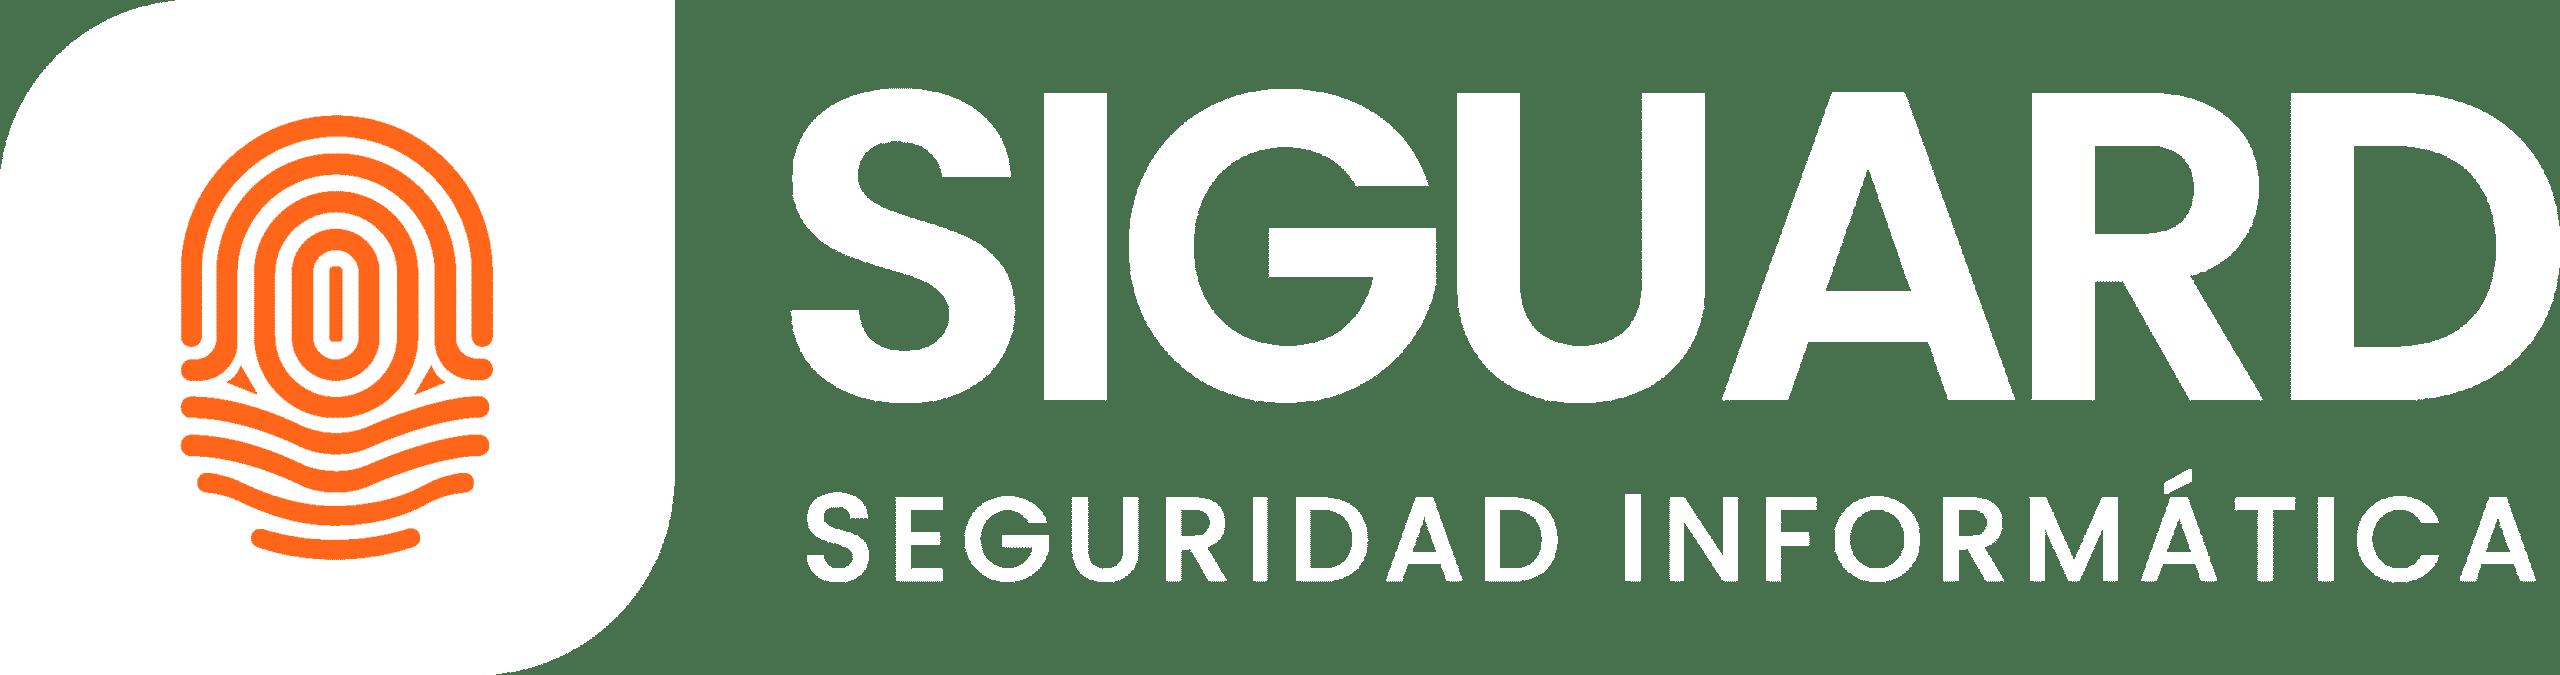 Seguridad Informatica SIGUARD